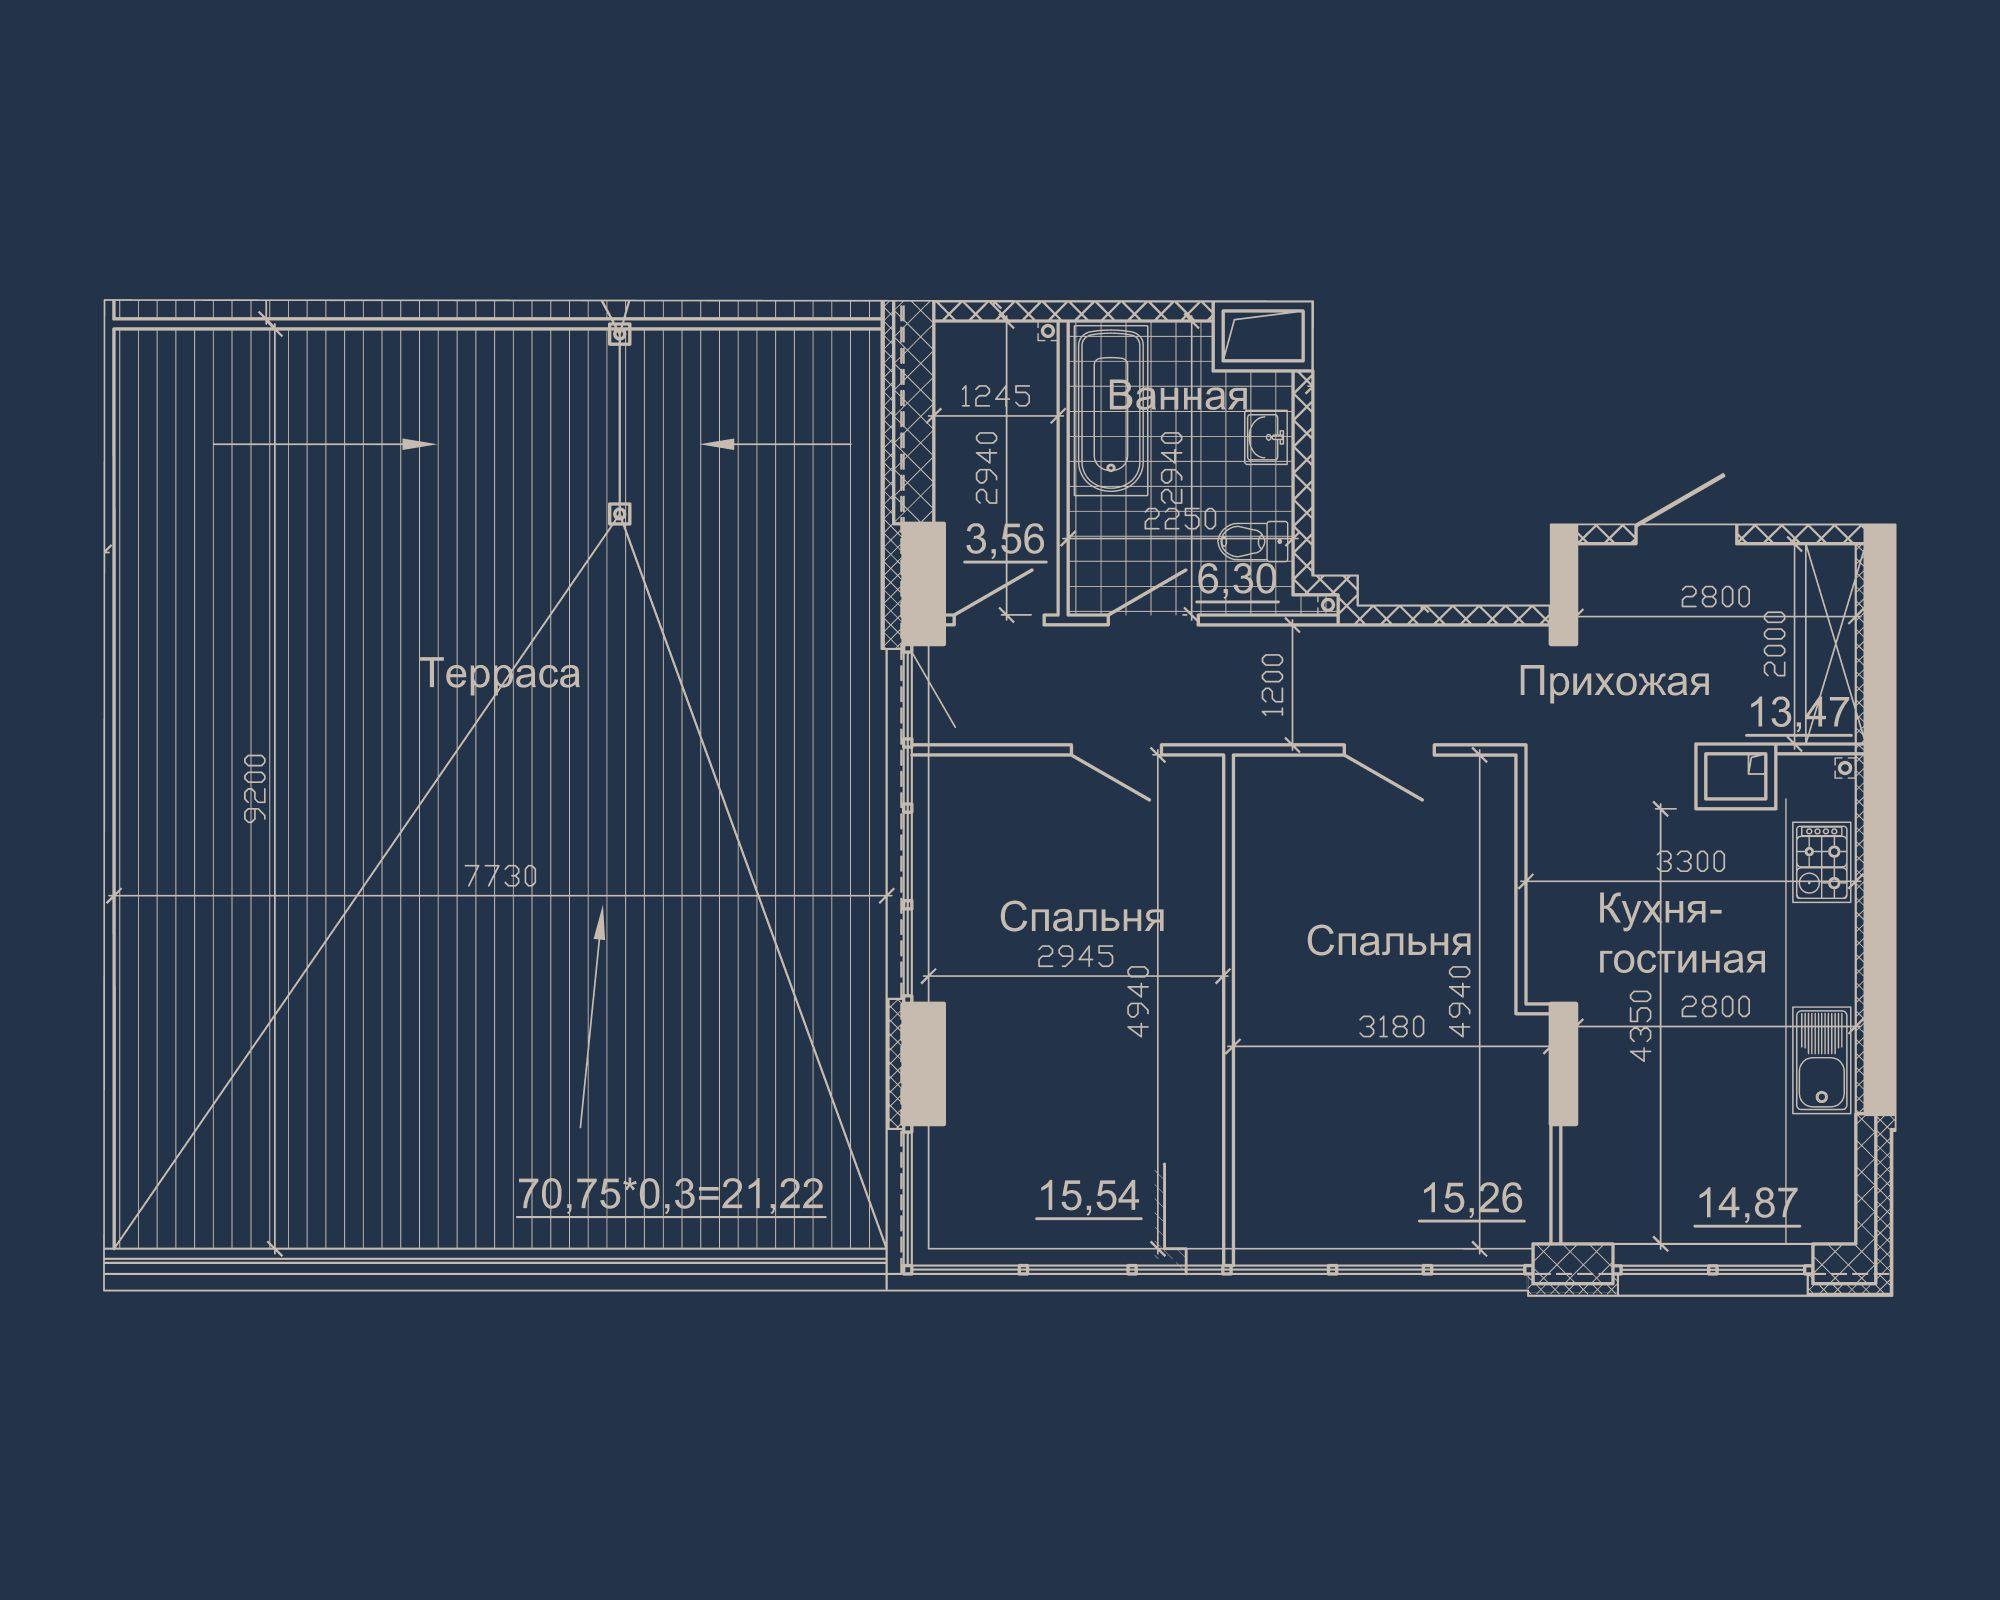 2-кімнатна квартира типу 07Б-1 у ЖК Nebo